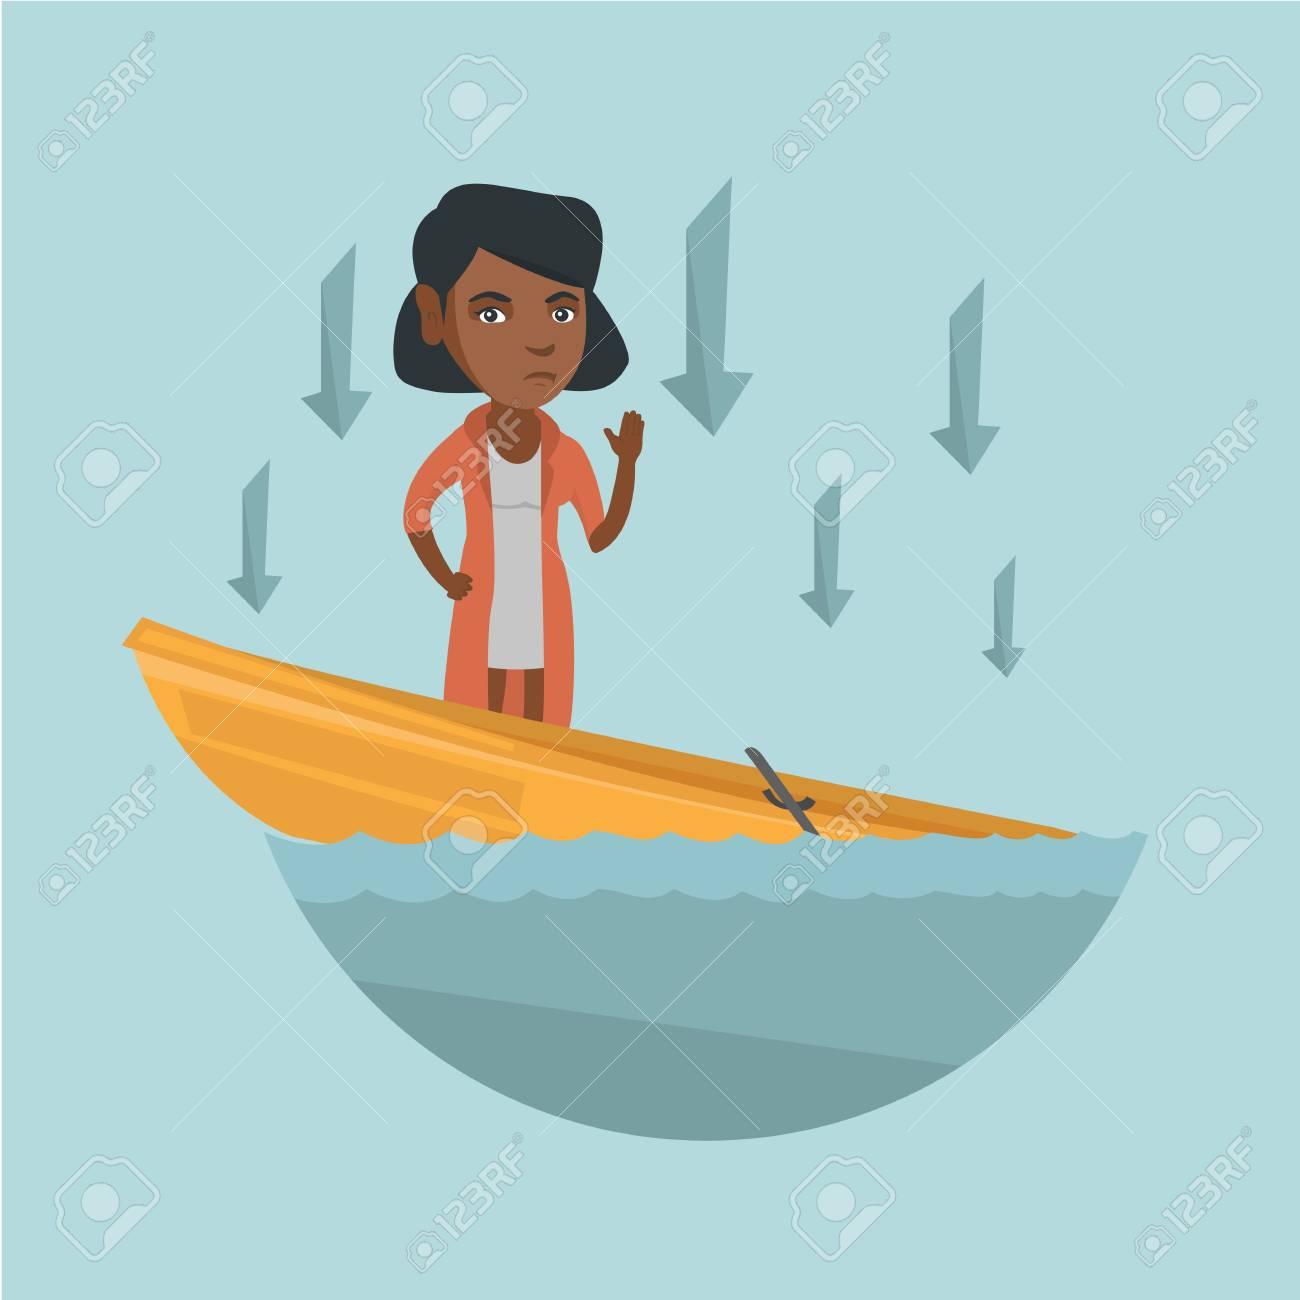 Jeune Femme D Affaires Afro Americaine Debout Dans Le Bateau Qui Coule Clip Art Libres De Droits Vecteurs Et Illustration Image 90227640